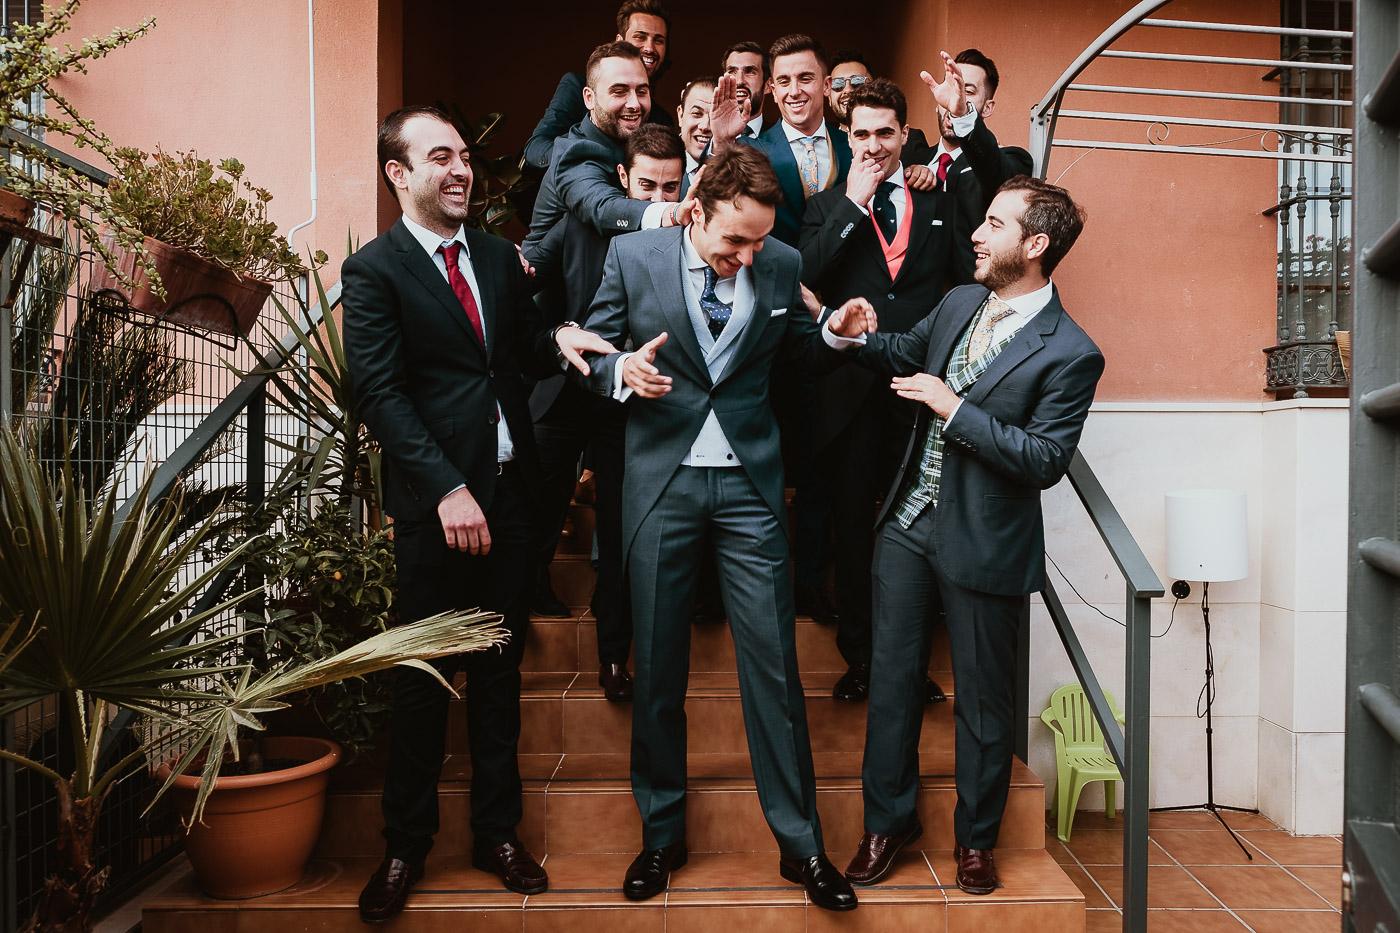 fotografo-bodas-puente-genil-hotel-el-carmen-manuel-fijo